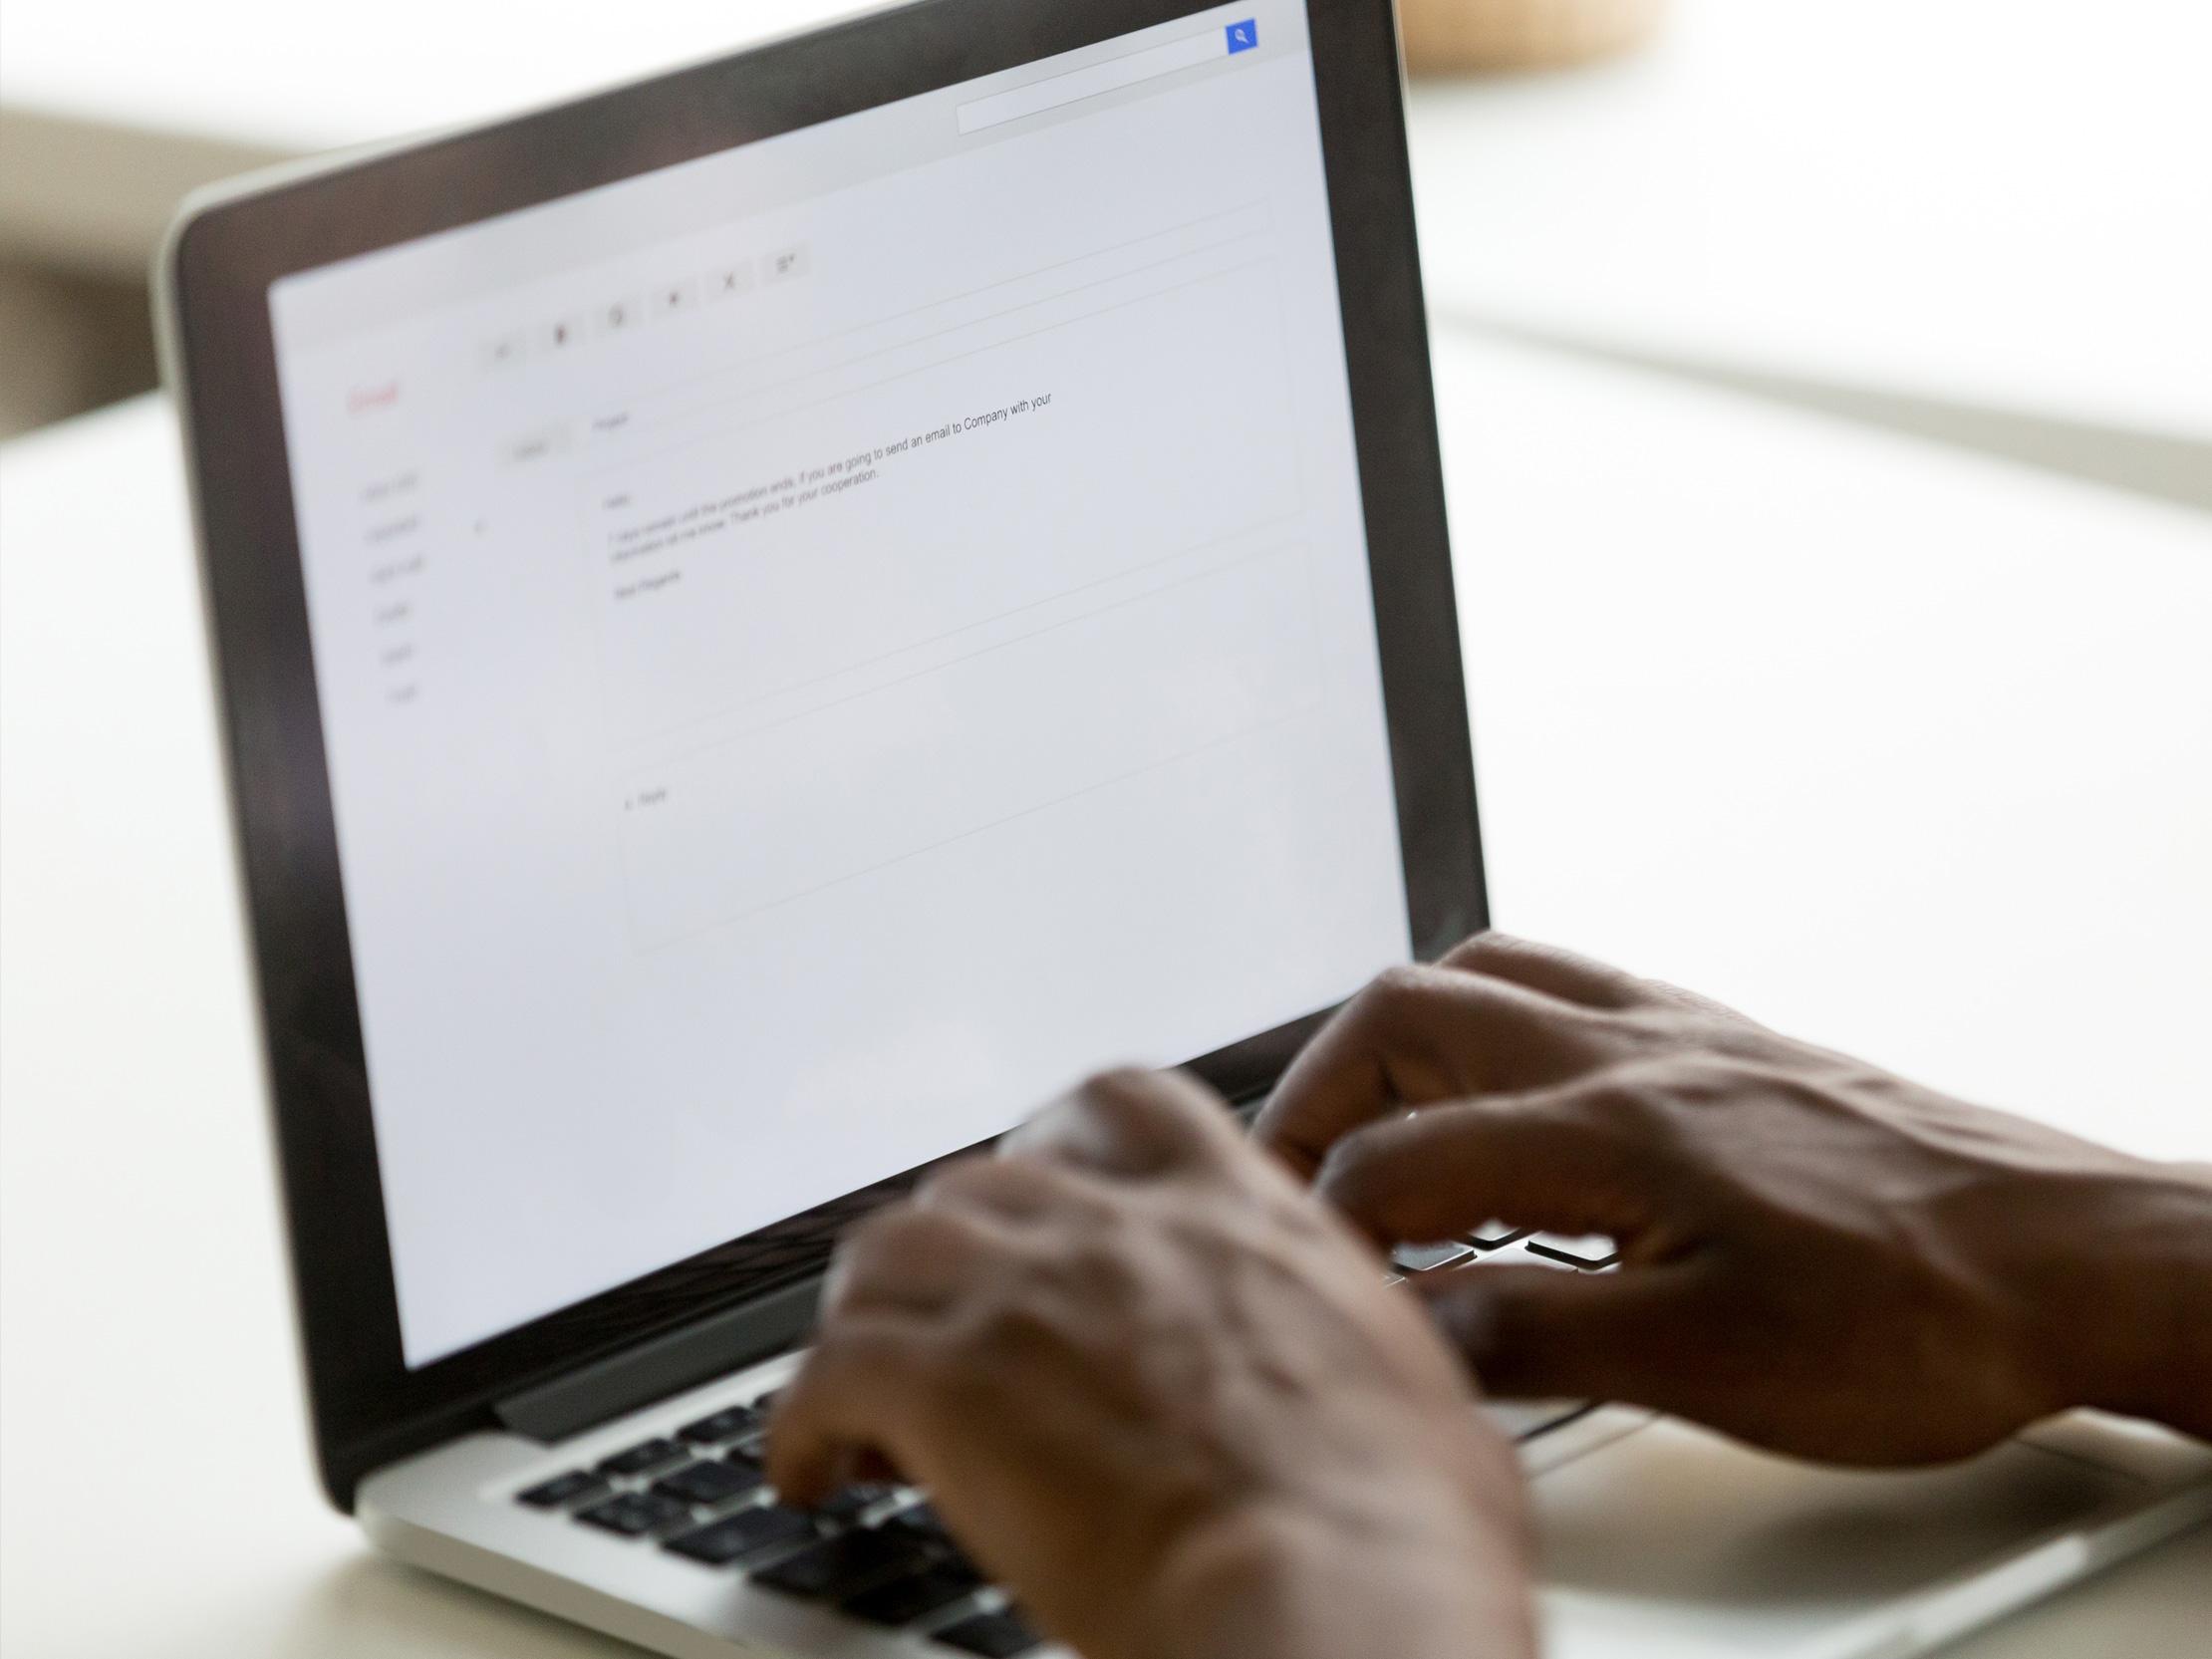 Få 4 gode råd til din skriftlige kommunikation